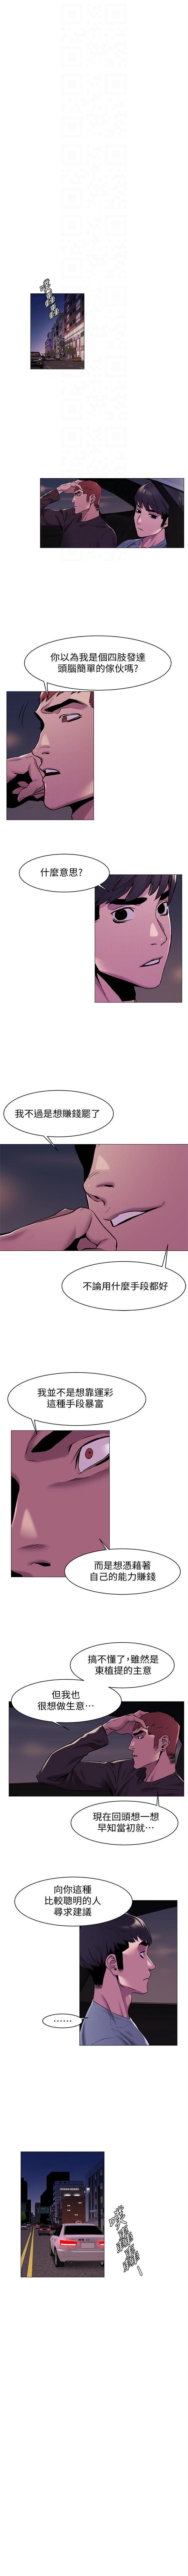 (週5)衝突 1-94 中文翻譯 (更新中) 360